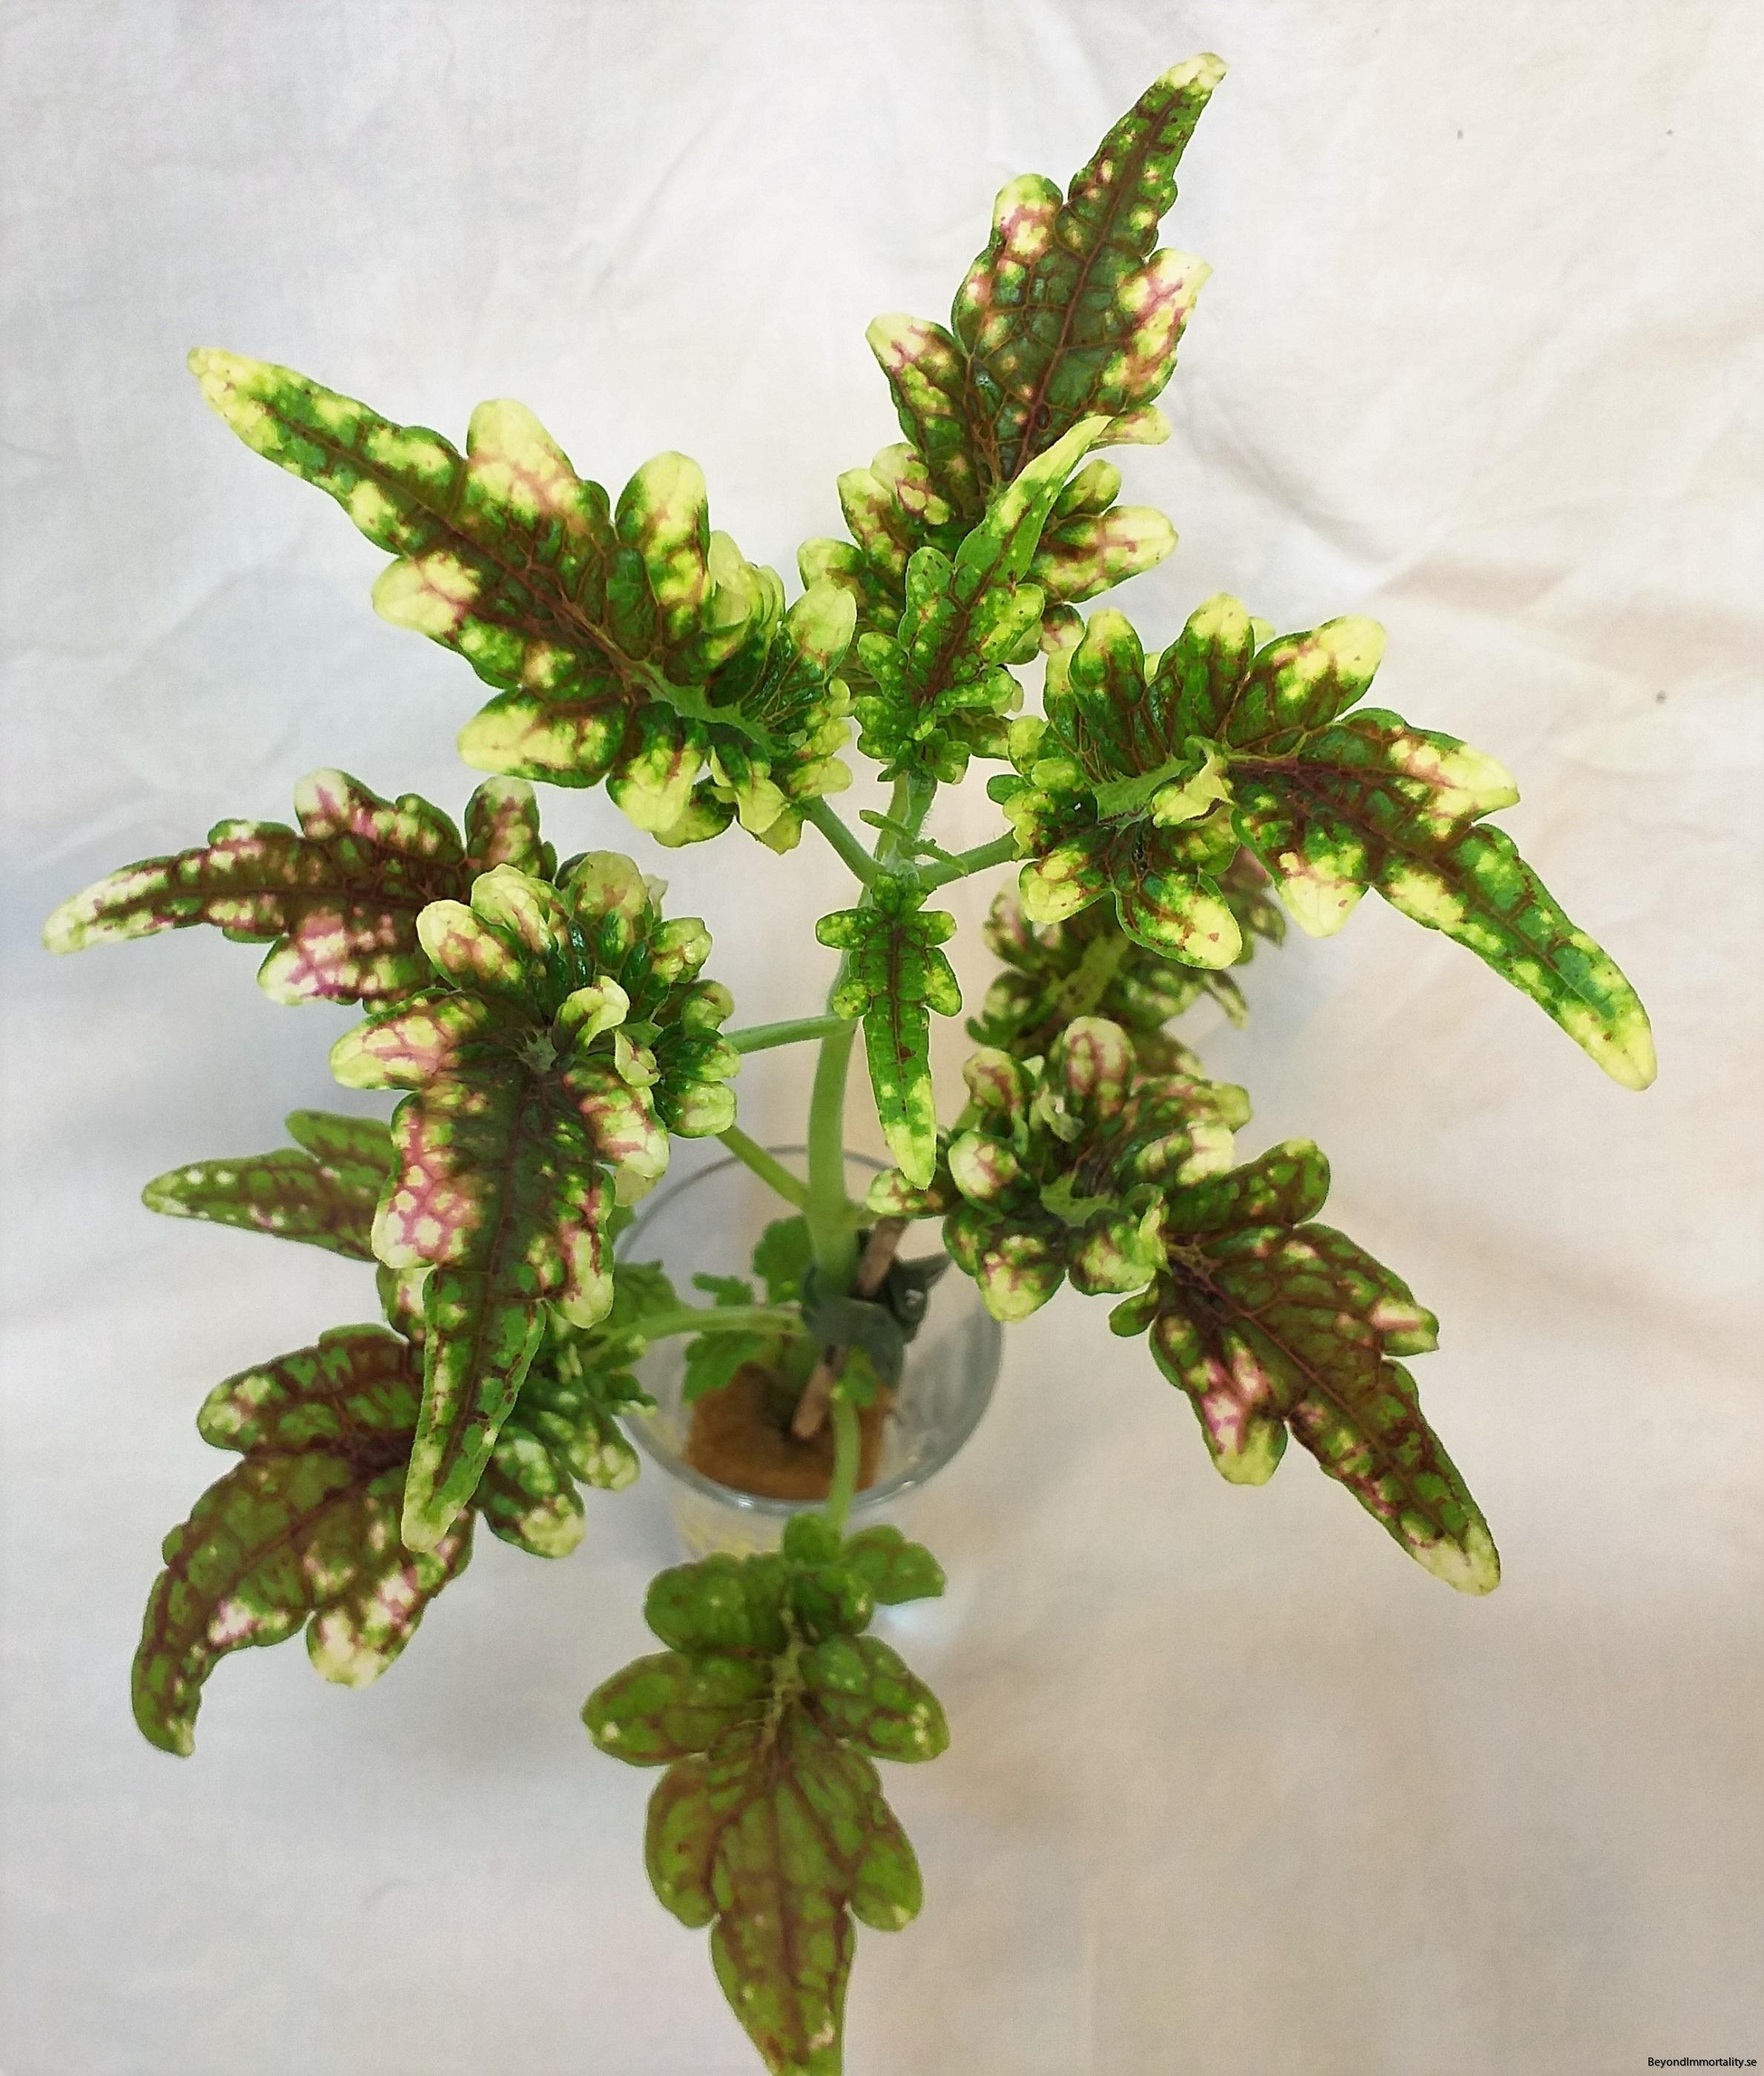 gilda palettblad coleus